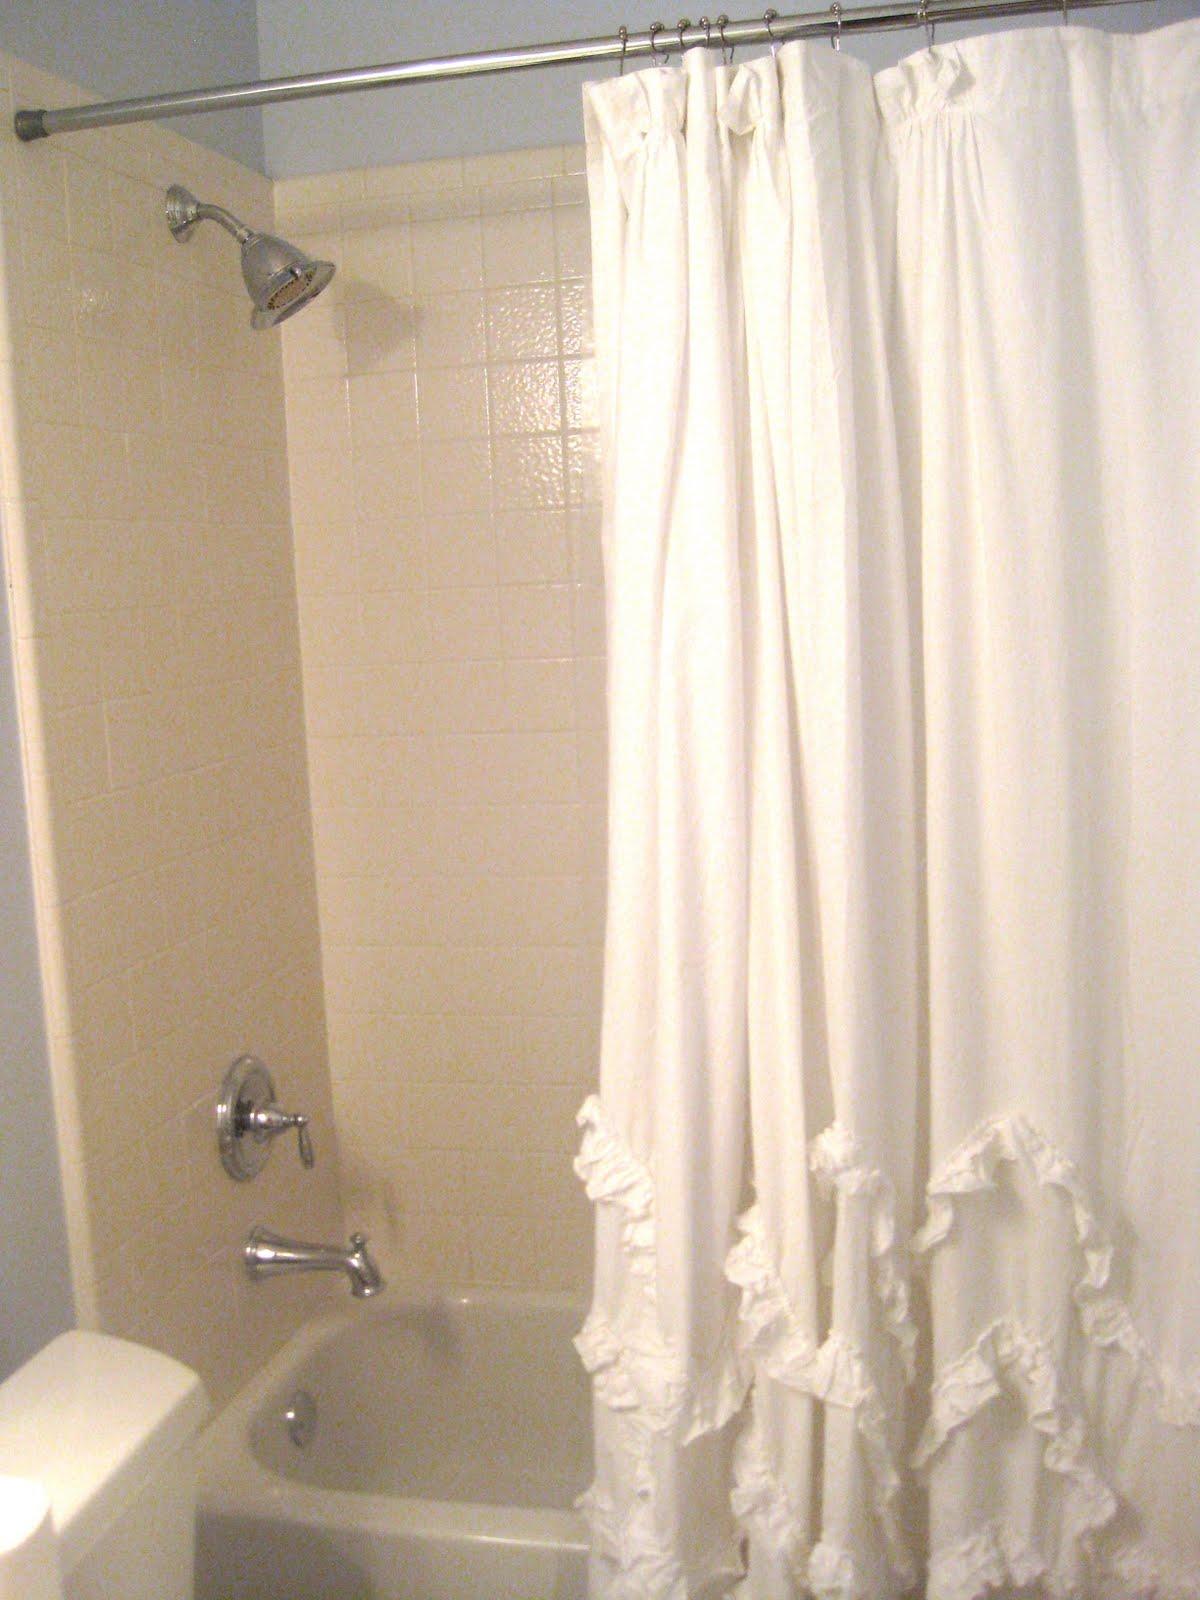 The Blest Nest Bathroom Reveal